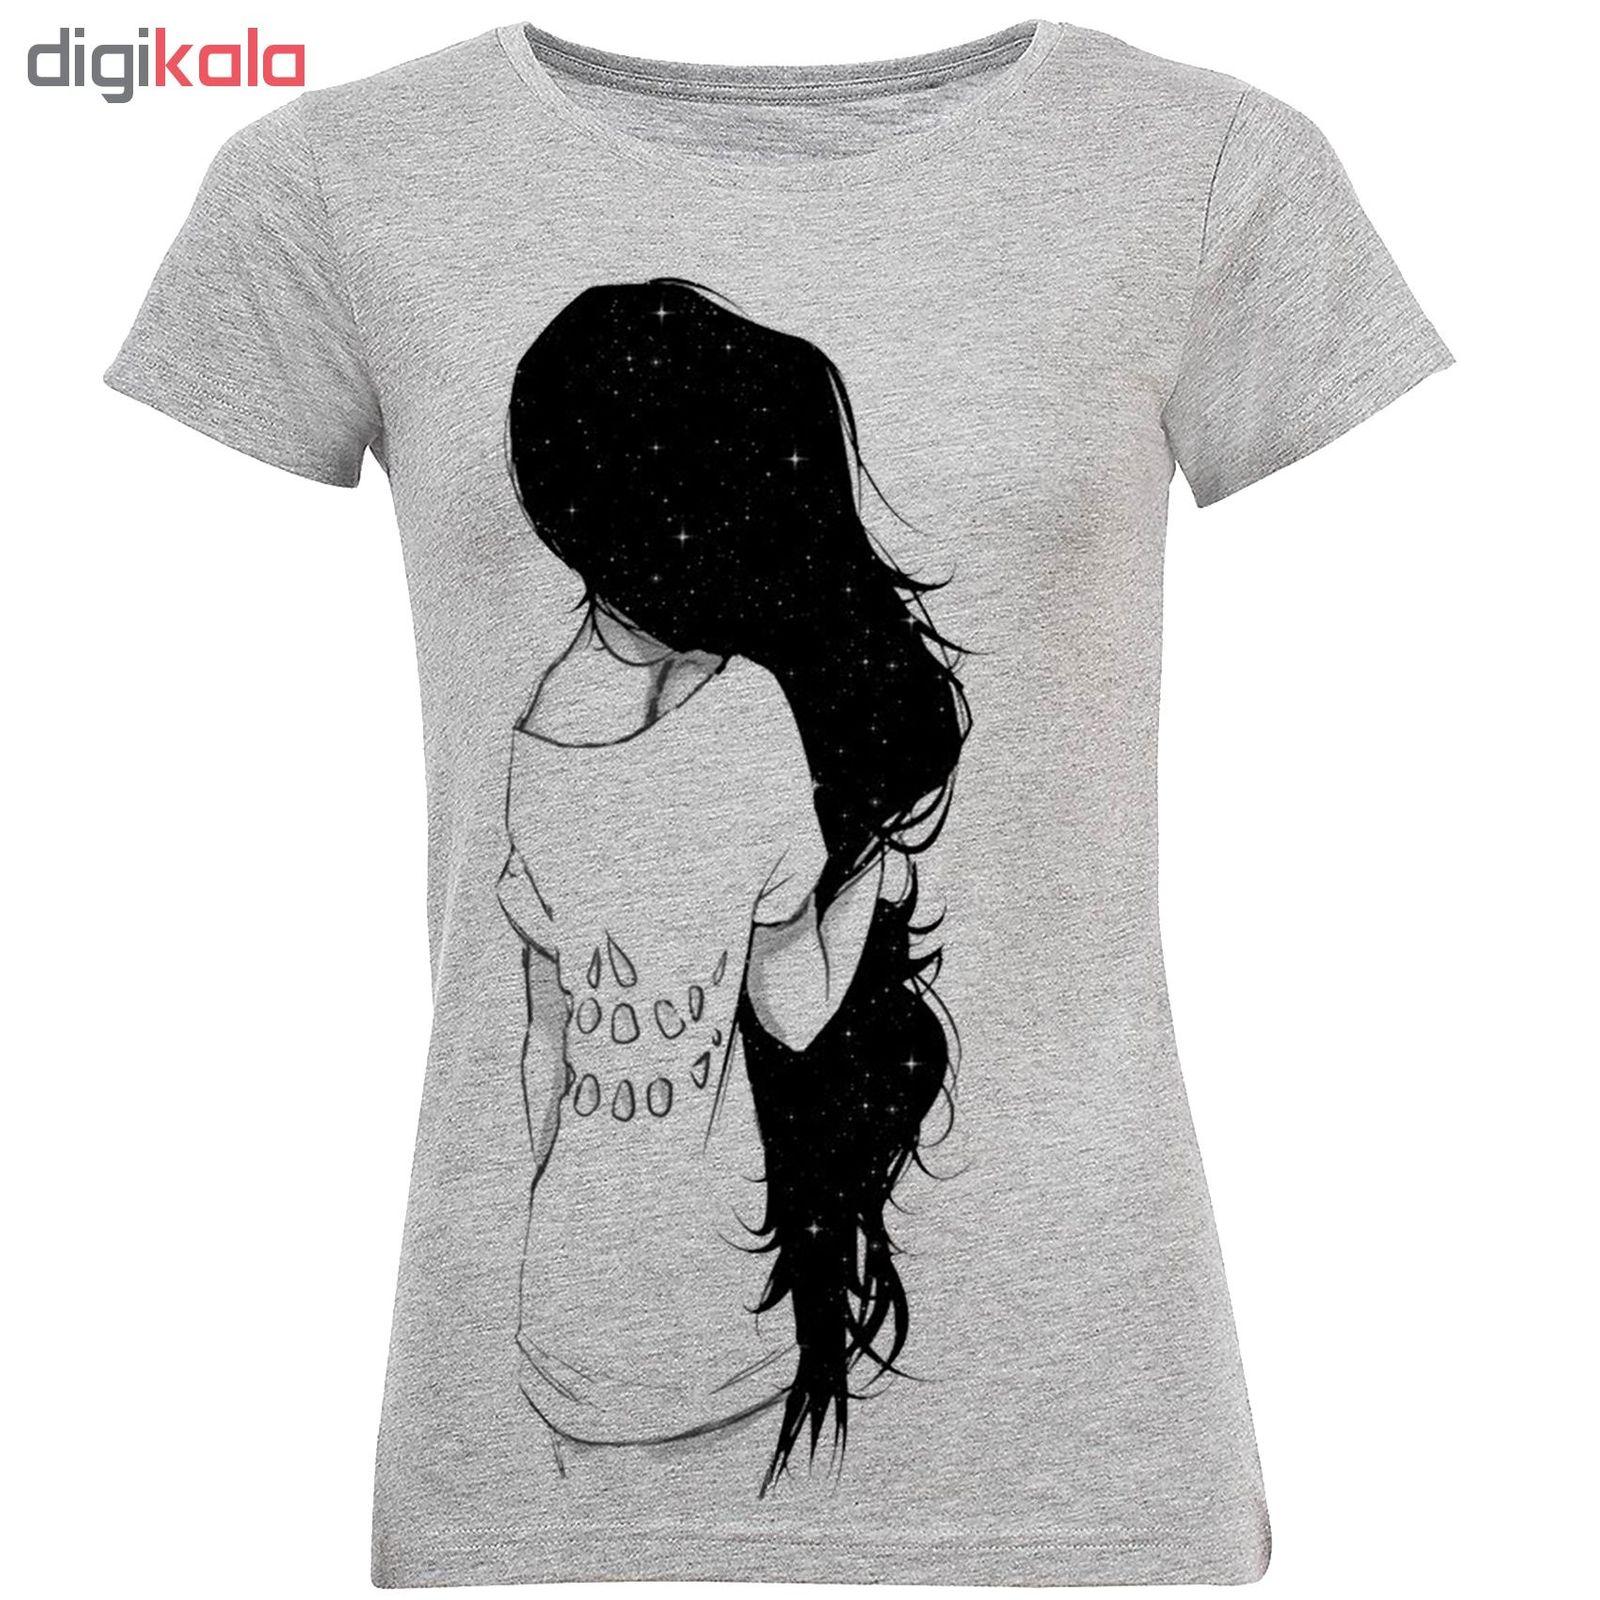 تیشرت زنانه طرح Black Hair Girl کد C96 main 1 1